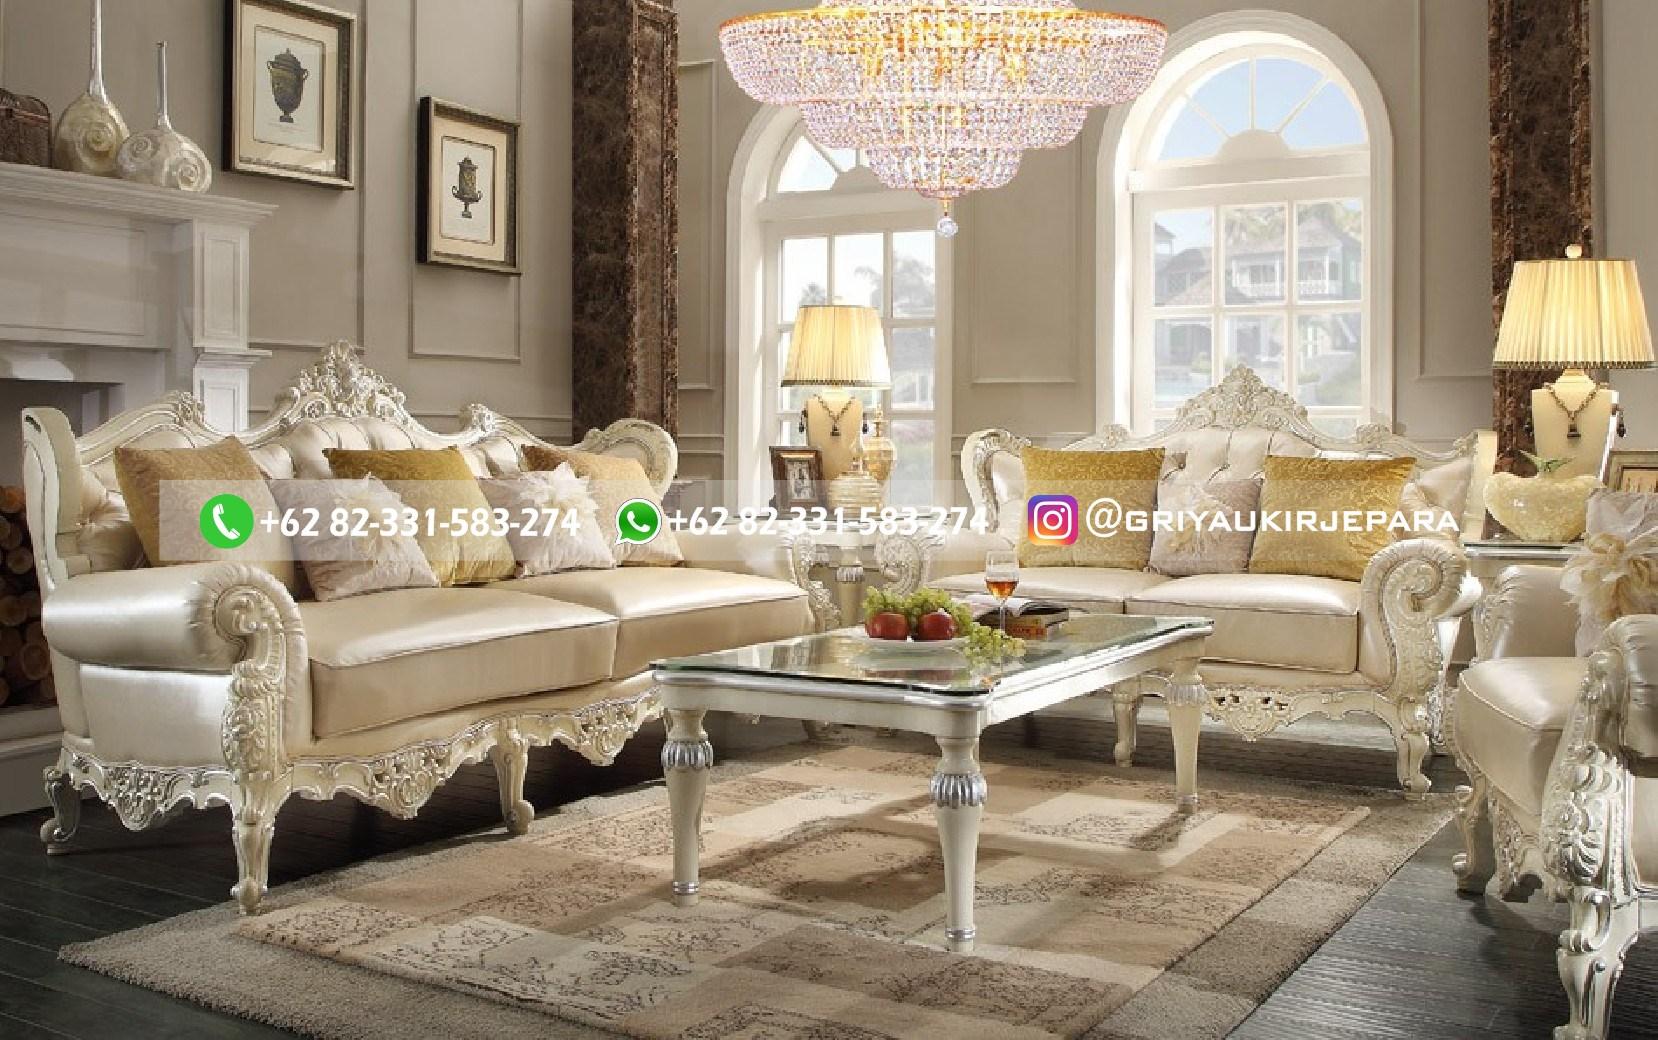 sofa ruang tamu jati mewah griya ukir jepara 86 - 70 Sofa Ruang Tamu Jati Mewah Murah